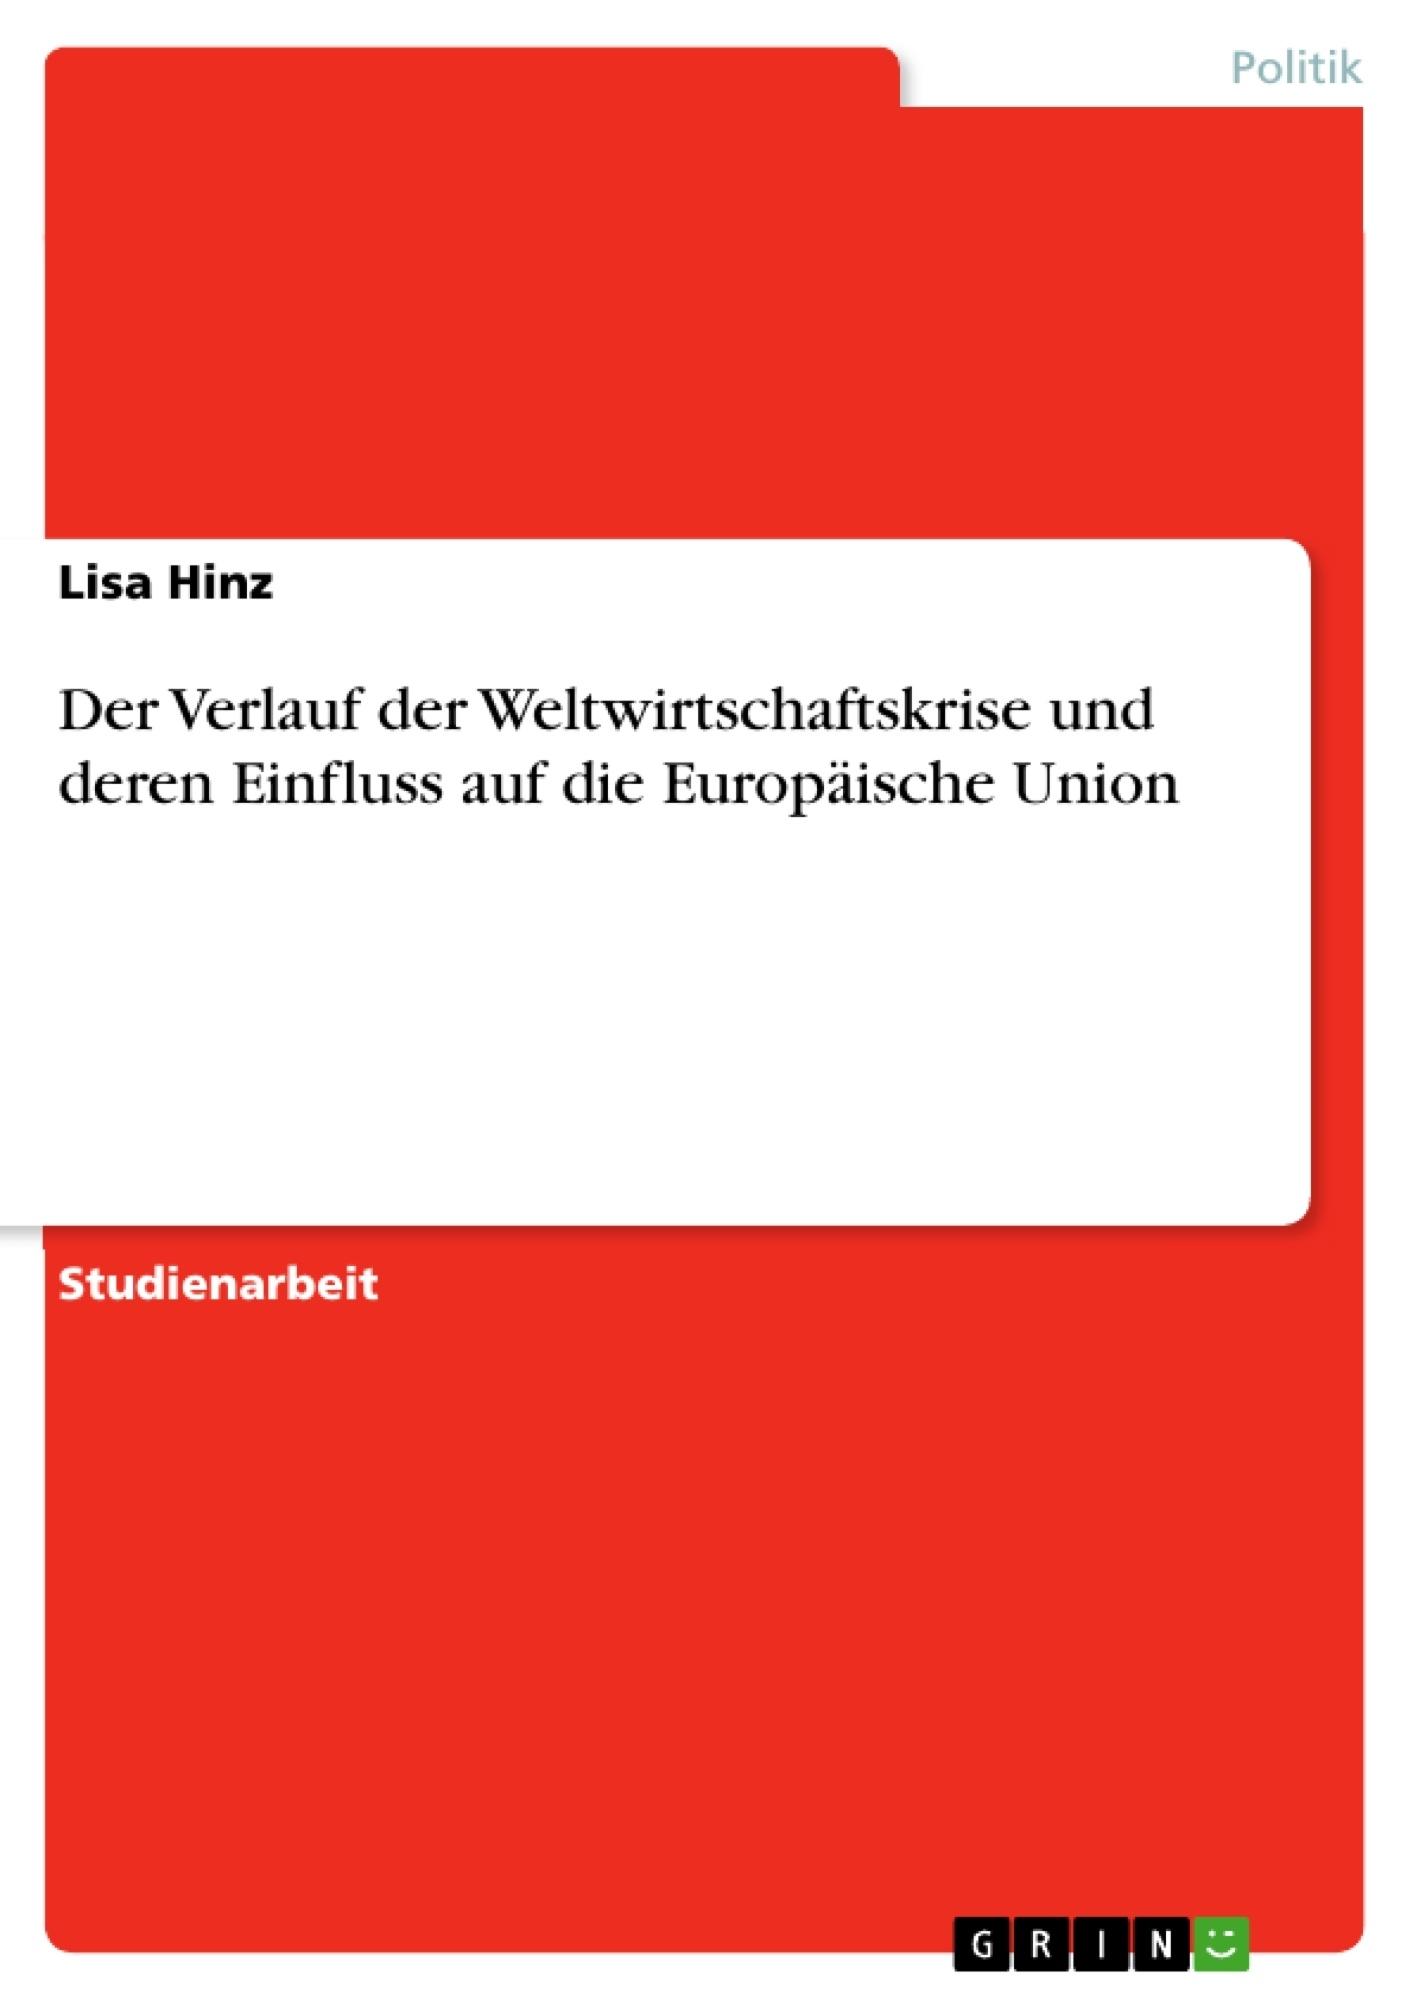 Titel: Der Verlauf der Weltwirtschaftskrise und deren Einfluss auf die Europäische Union